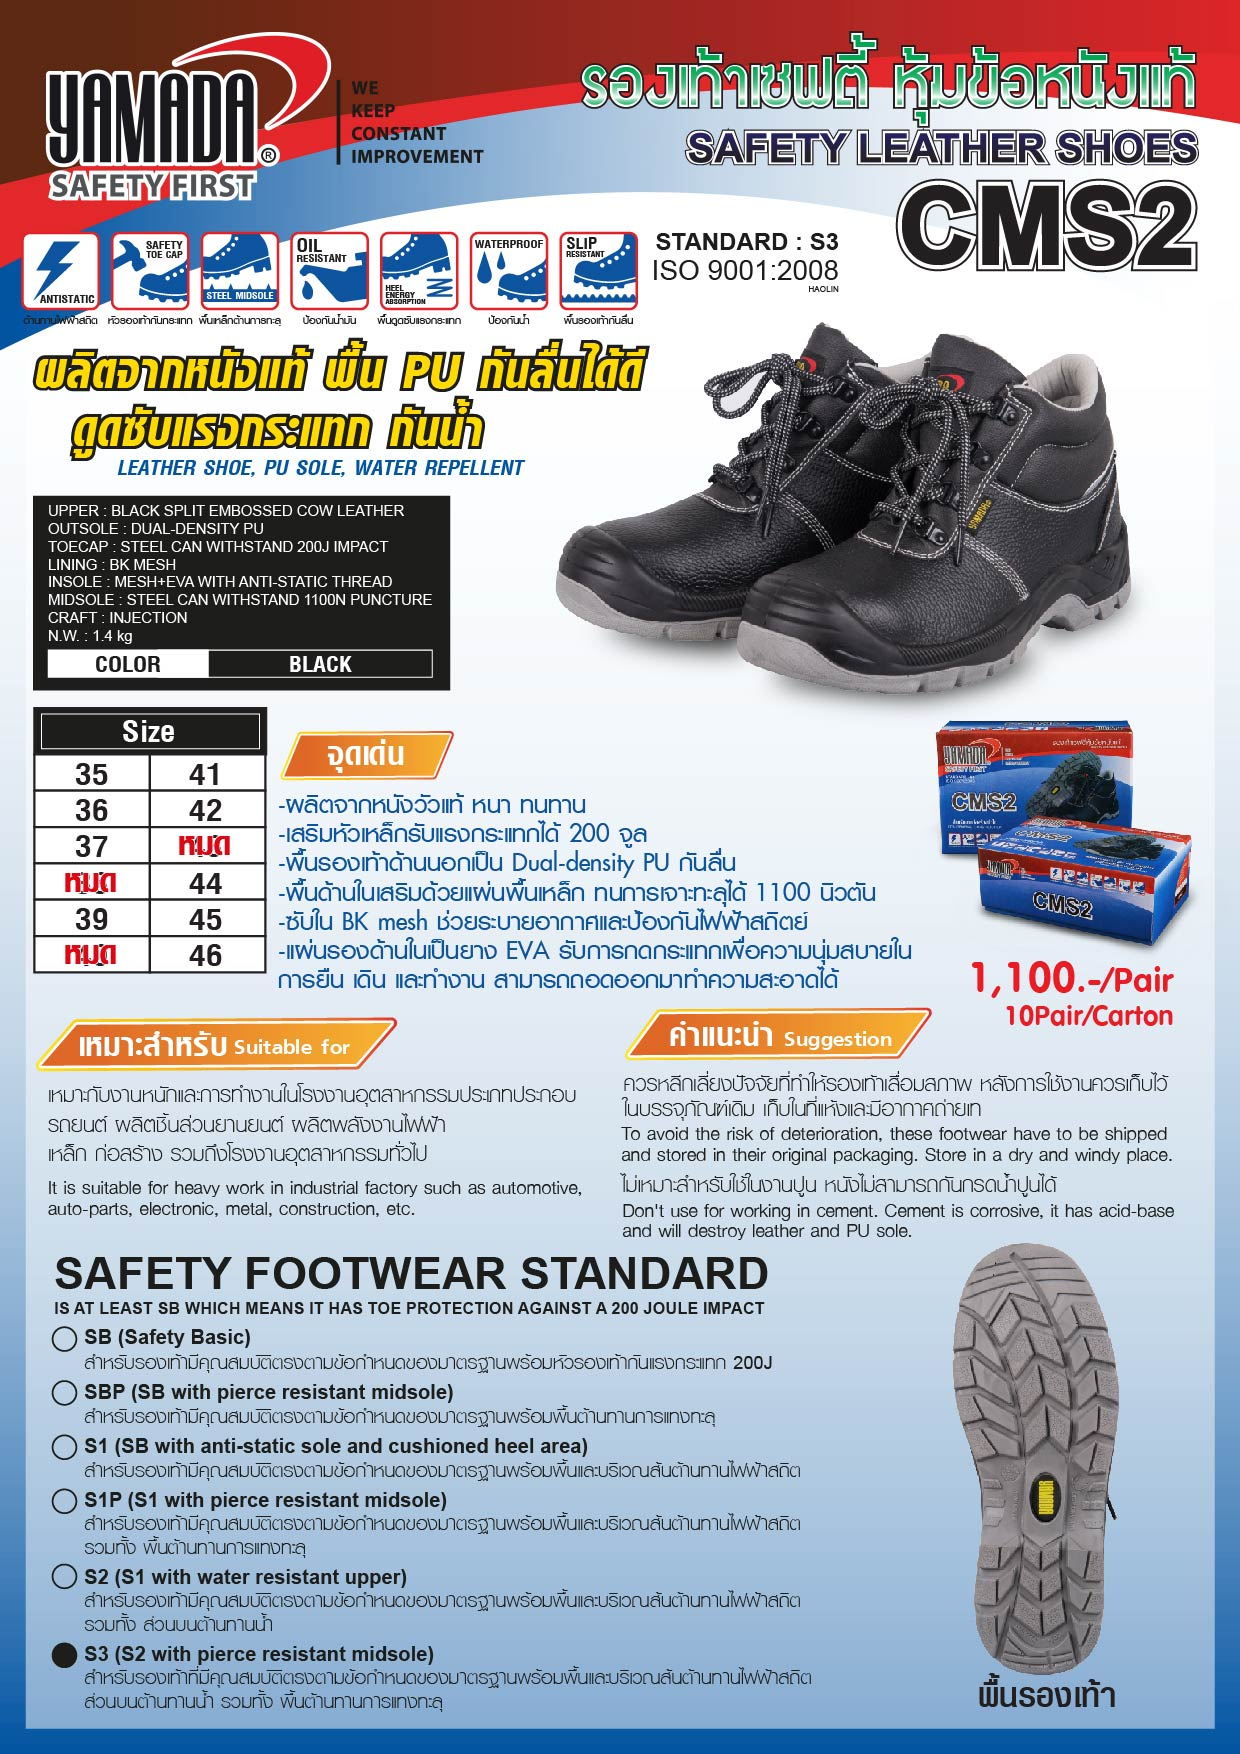 (106/271) รองเท้าเซฟตี้ หุ้มข้อ หนังแท้ รุ่น CMS2